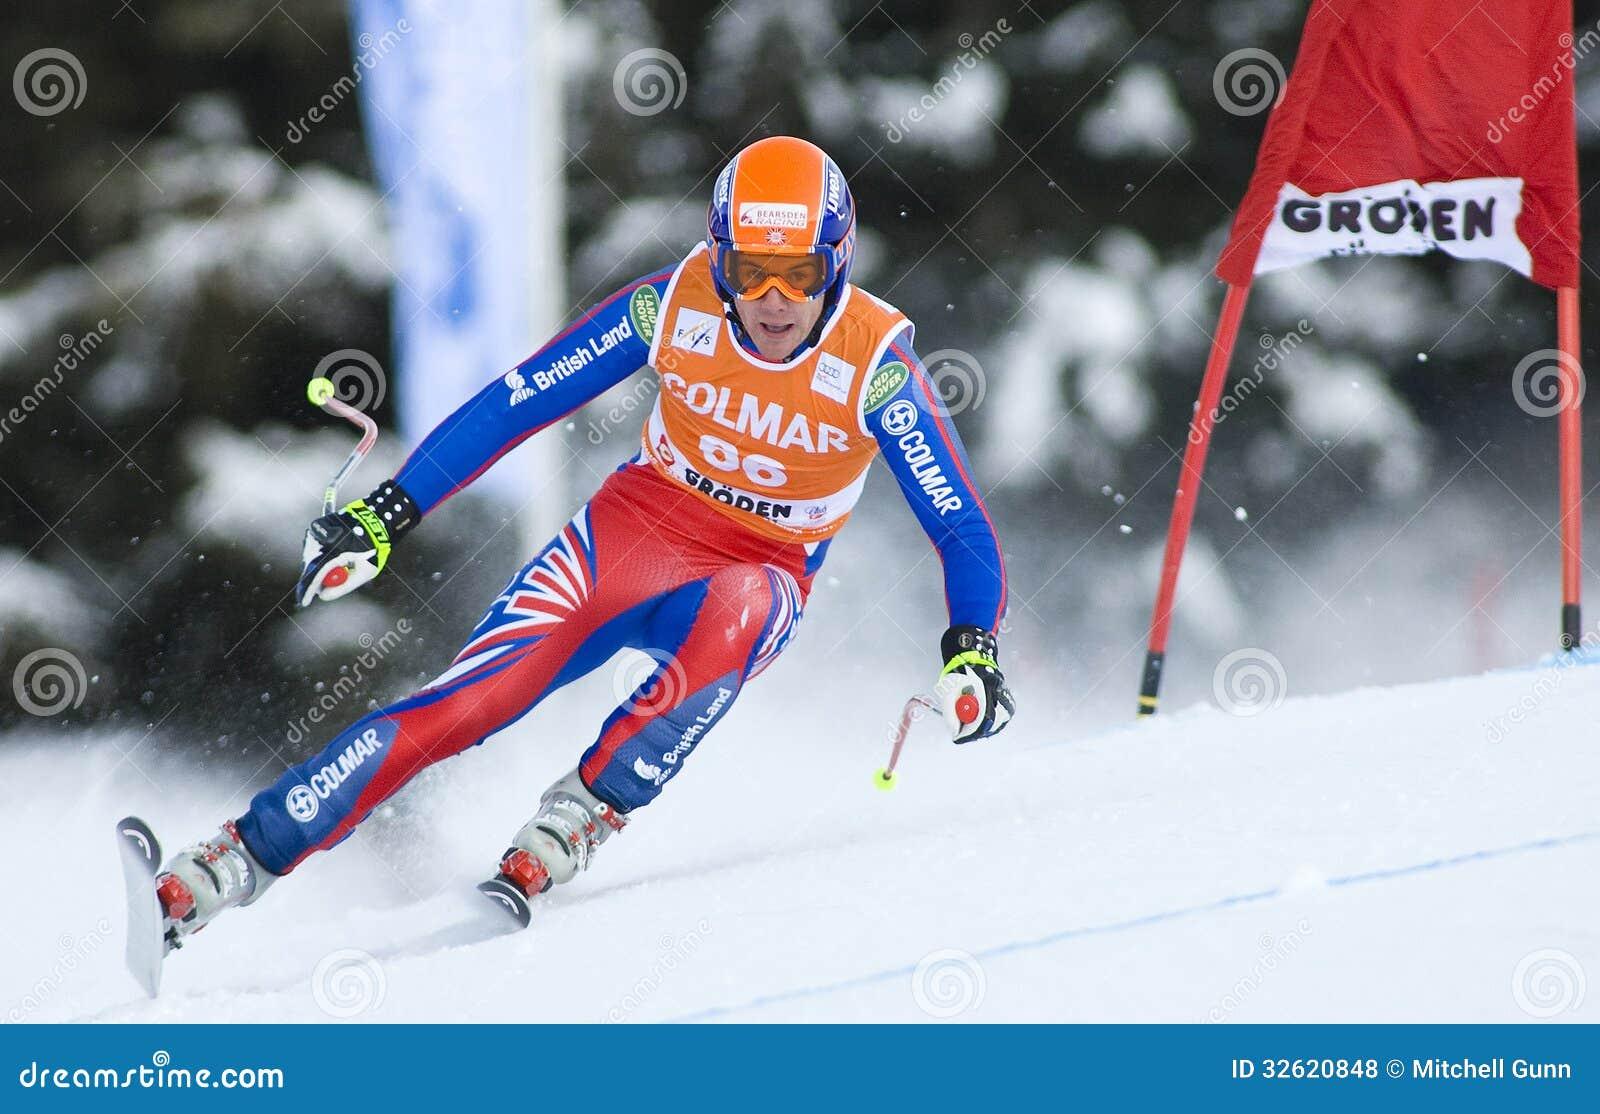 Mundial del esquí alpino - entrenamiento en declive de Val Gardena